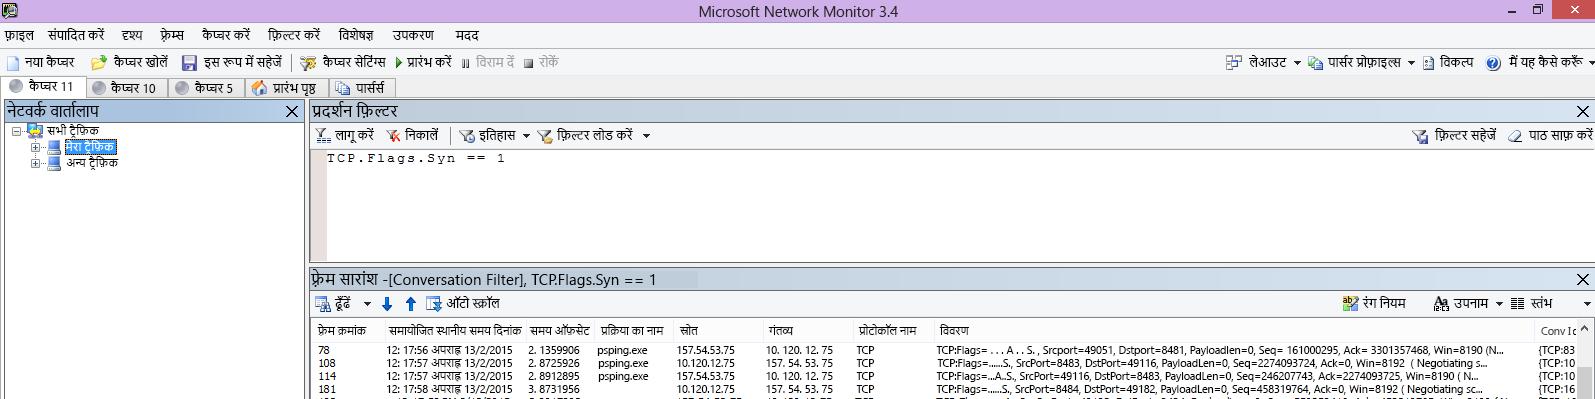 फ़िल्टर TCP.Flags.Syn == 1 के माध्यम से समान PSPing आदेश दिखाता हुआ क्लाइंट की ओर से Netmon ट्रेस.